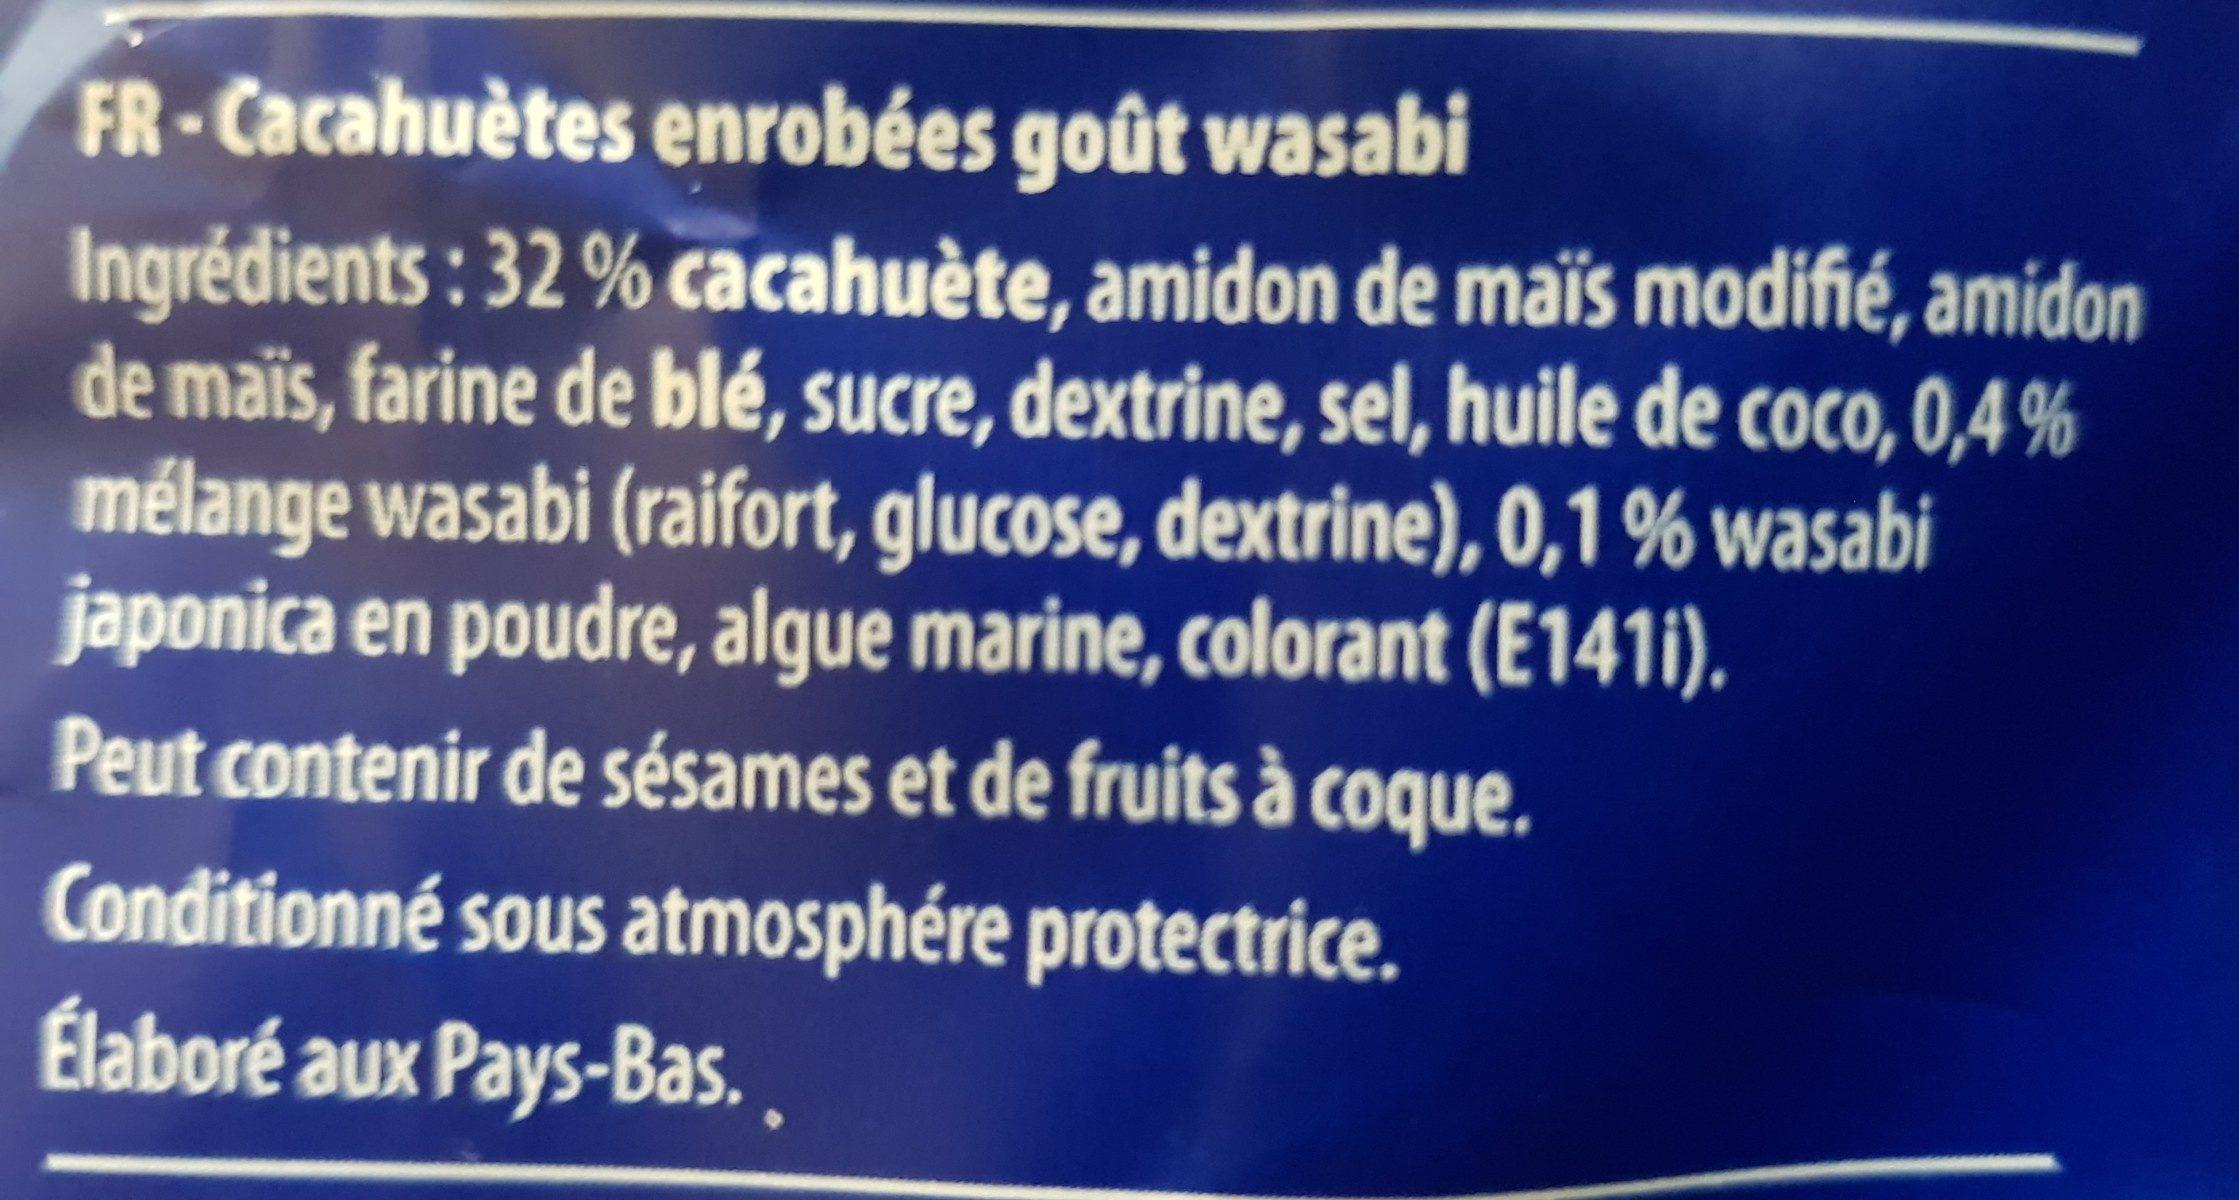 Wasabi peanuts - Ingredients - fr